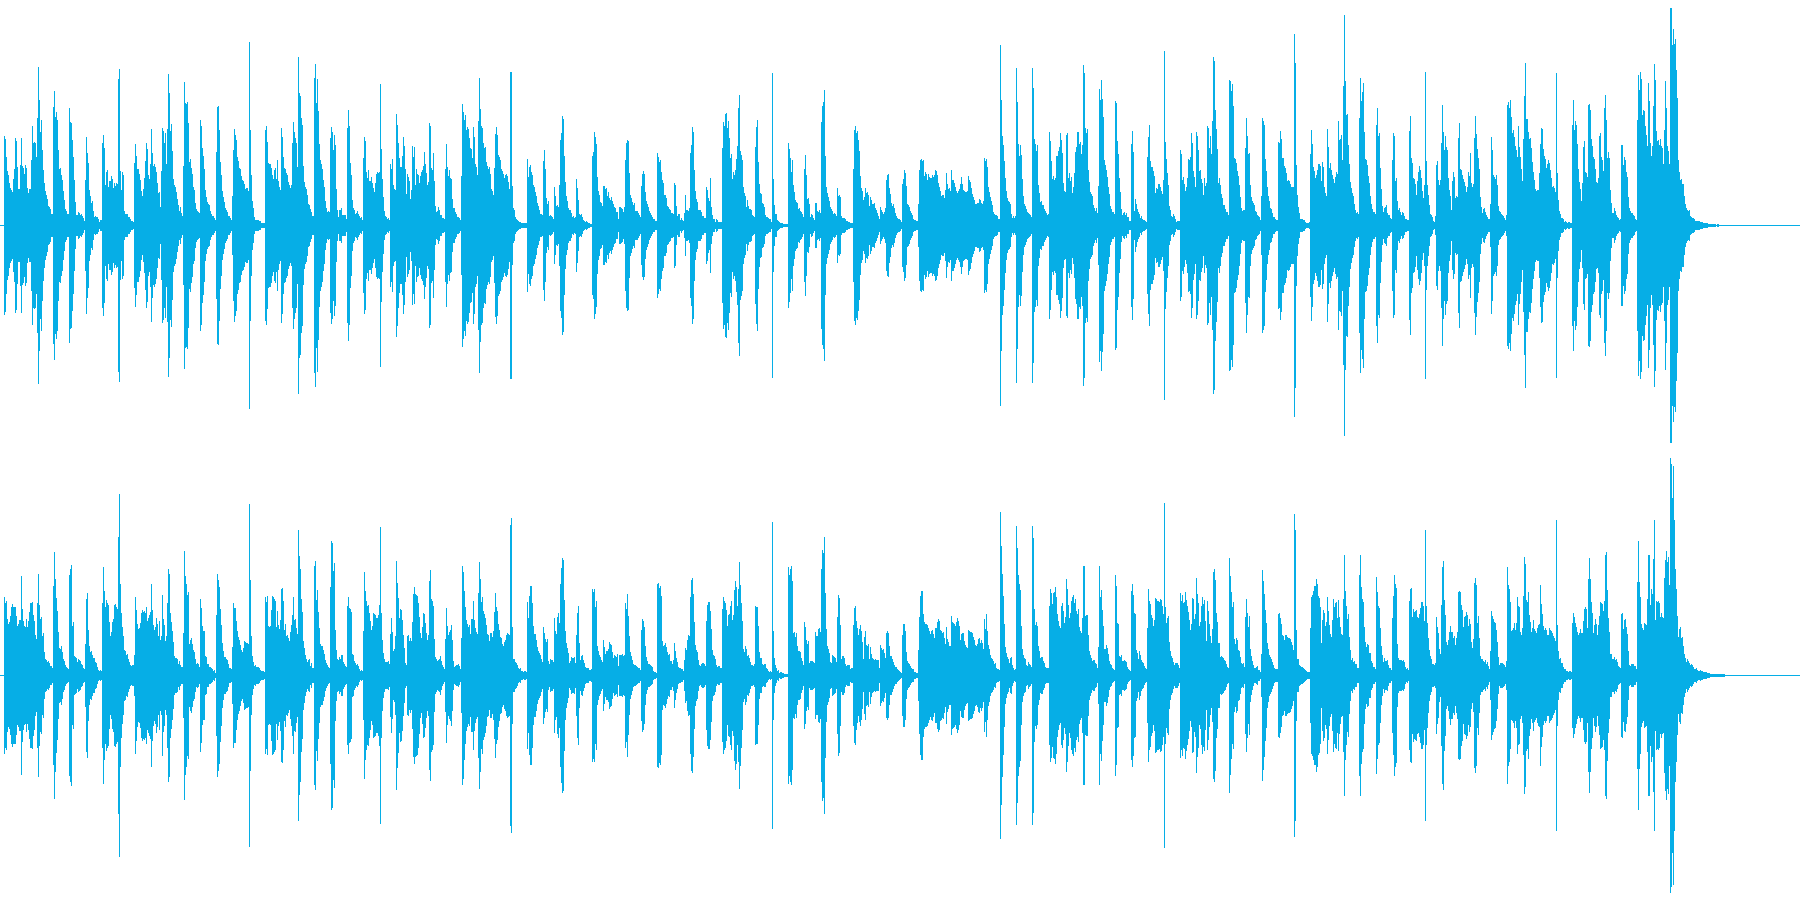 ほのぼの・可愛らしいマリンバ・小物楽器の再生済みの波形